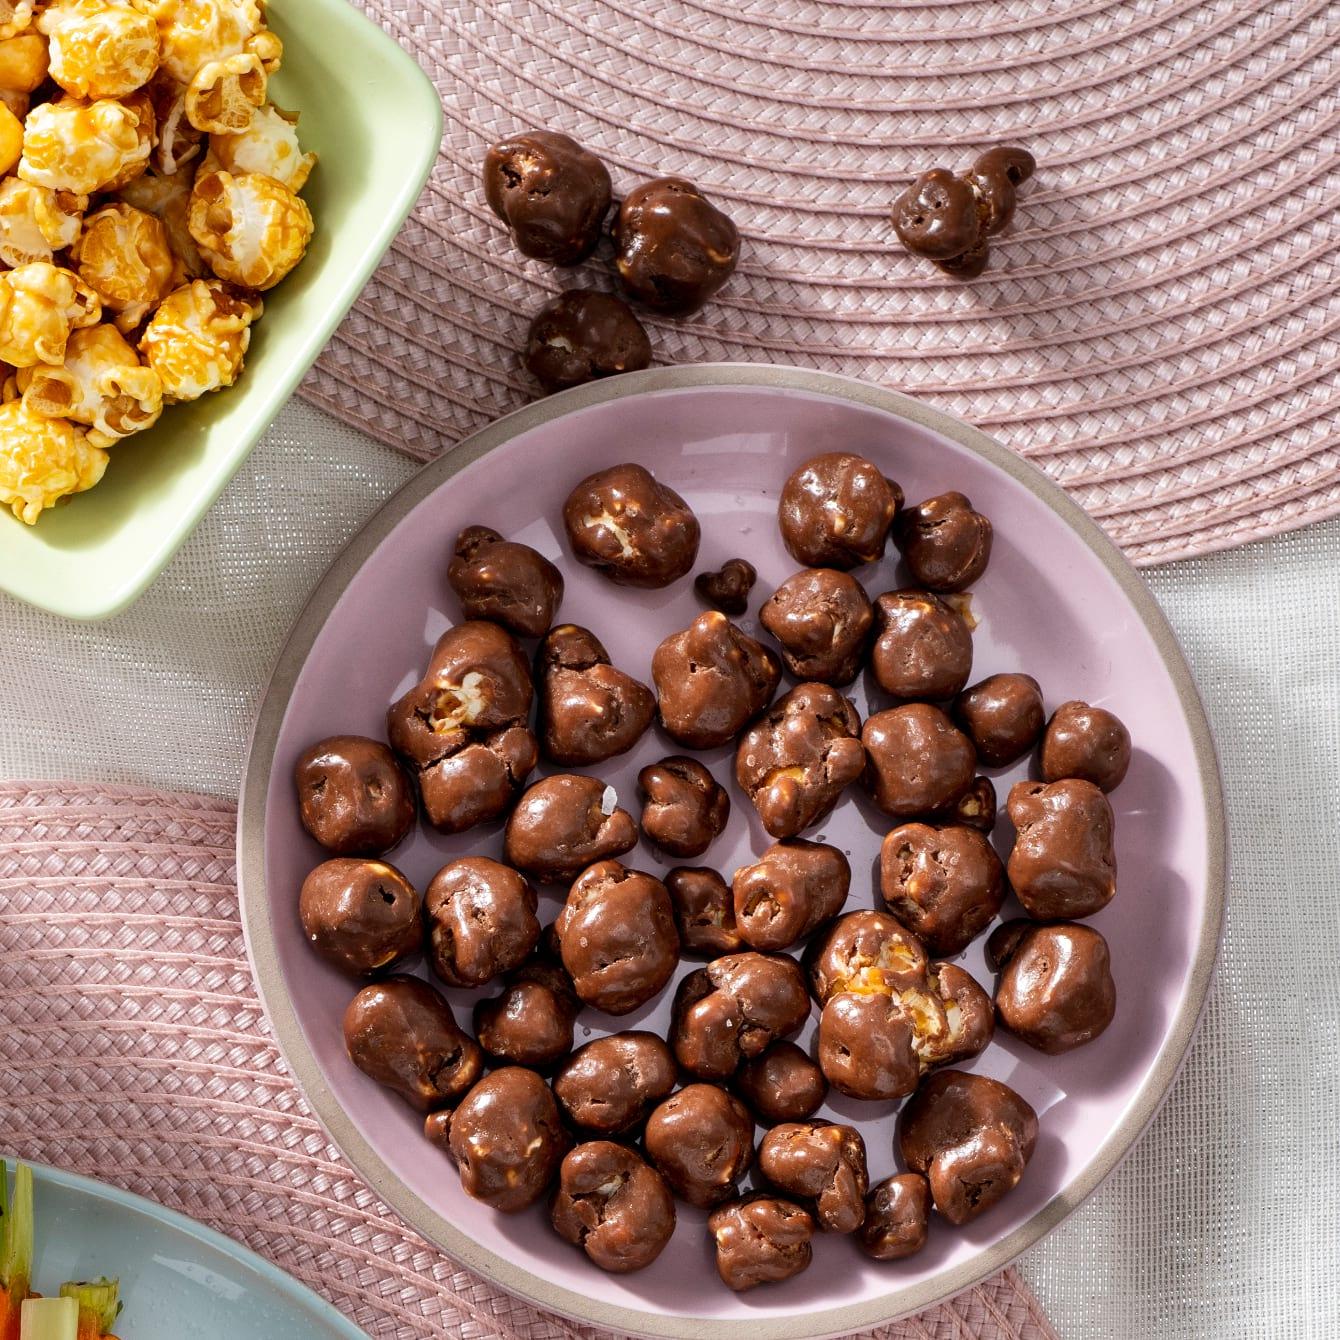 Popcorn met karamel en chocolade van Chantal Janzen